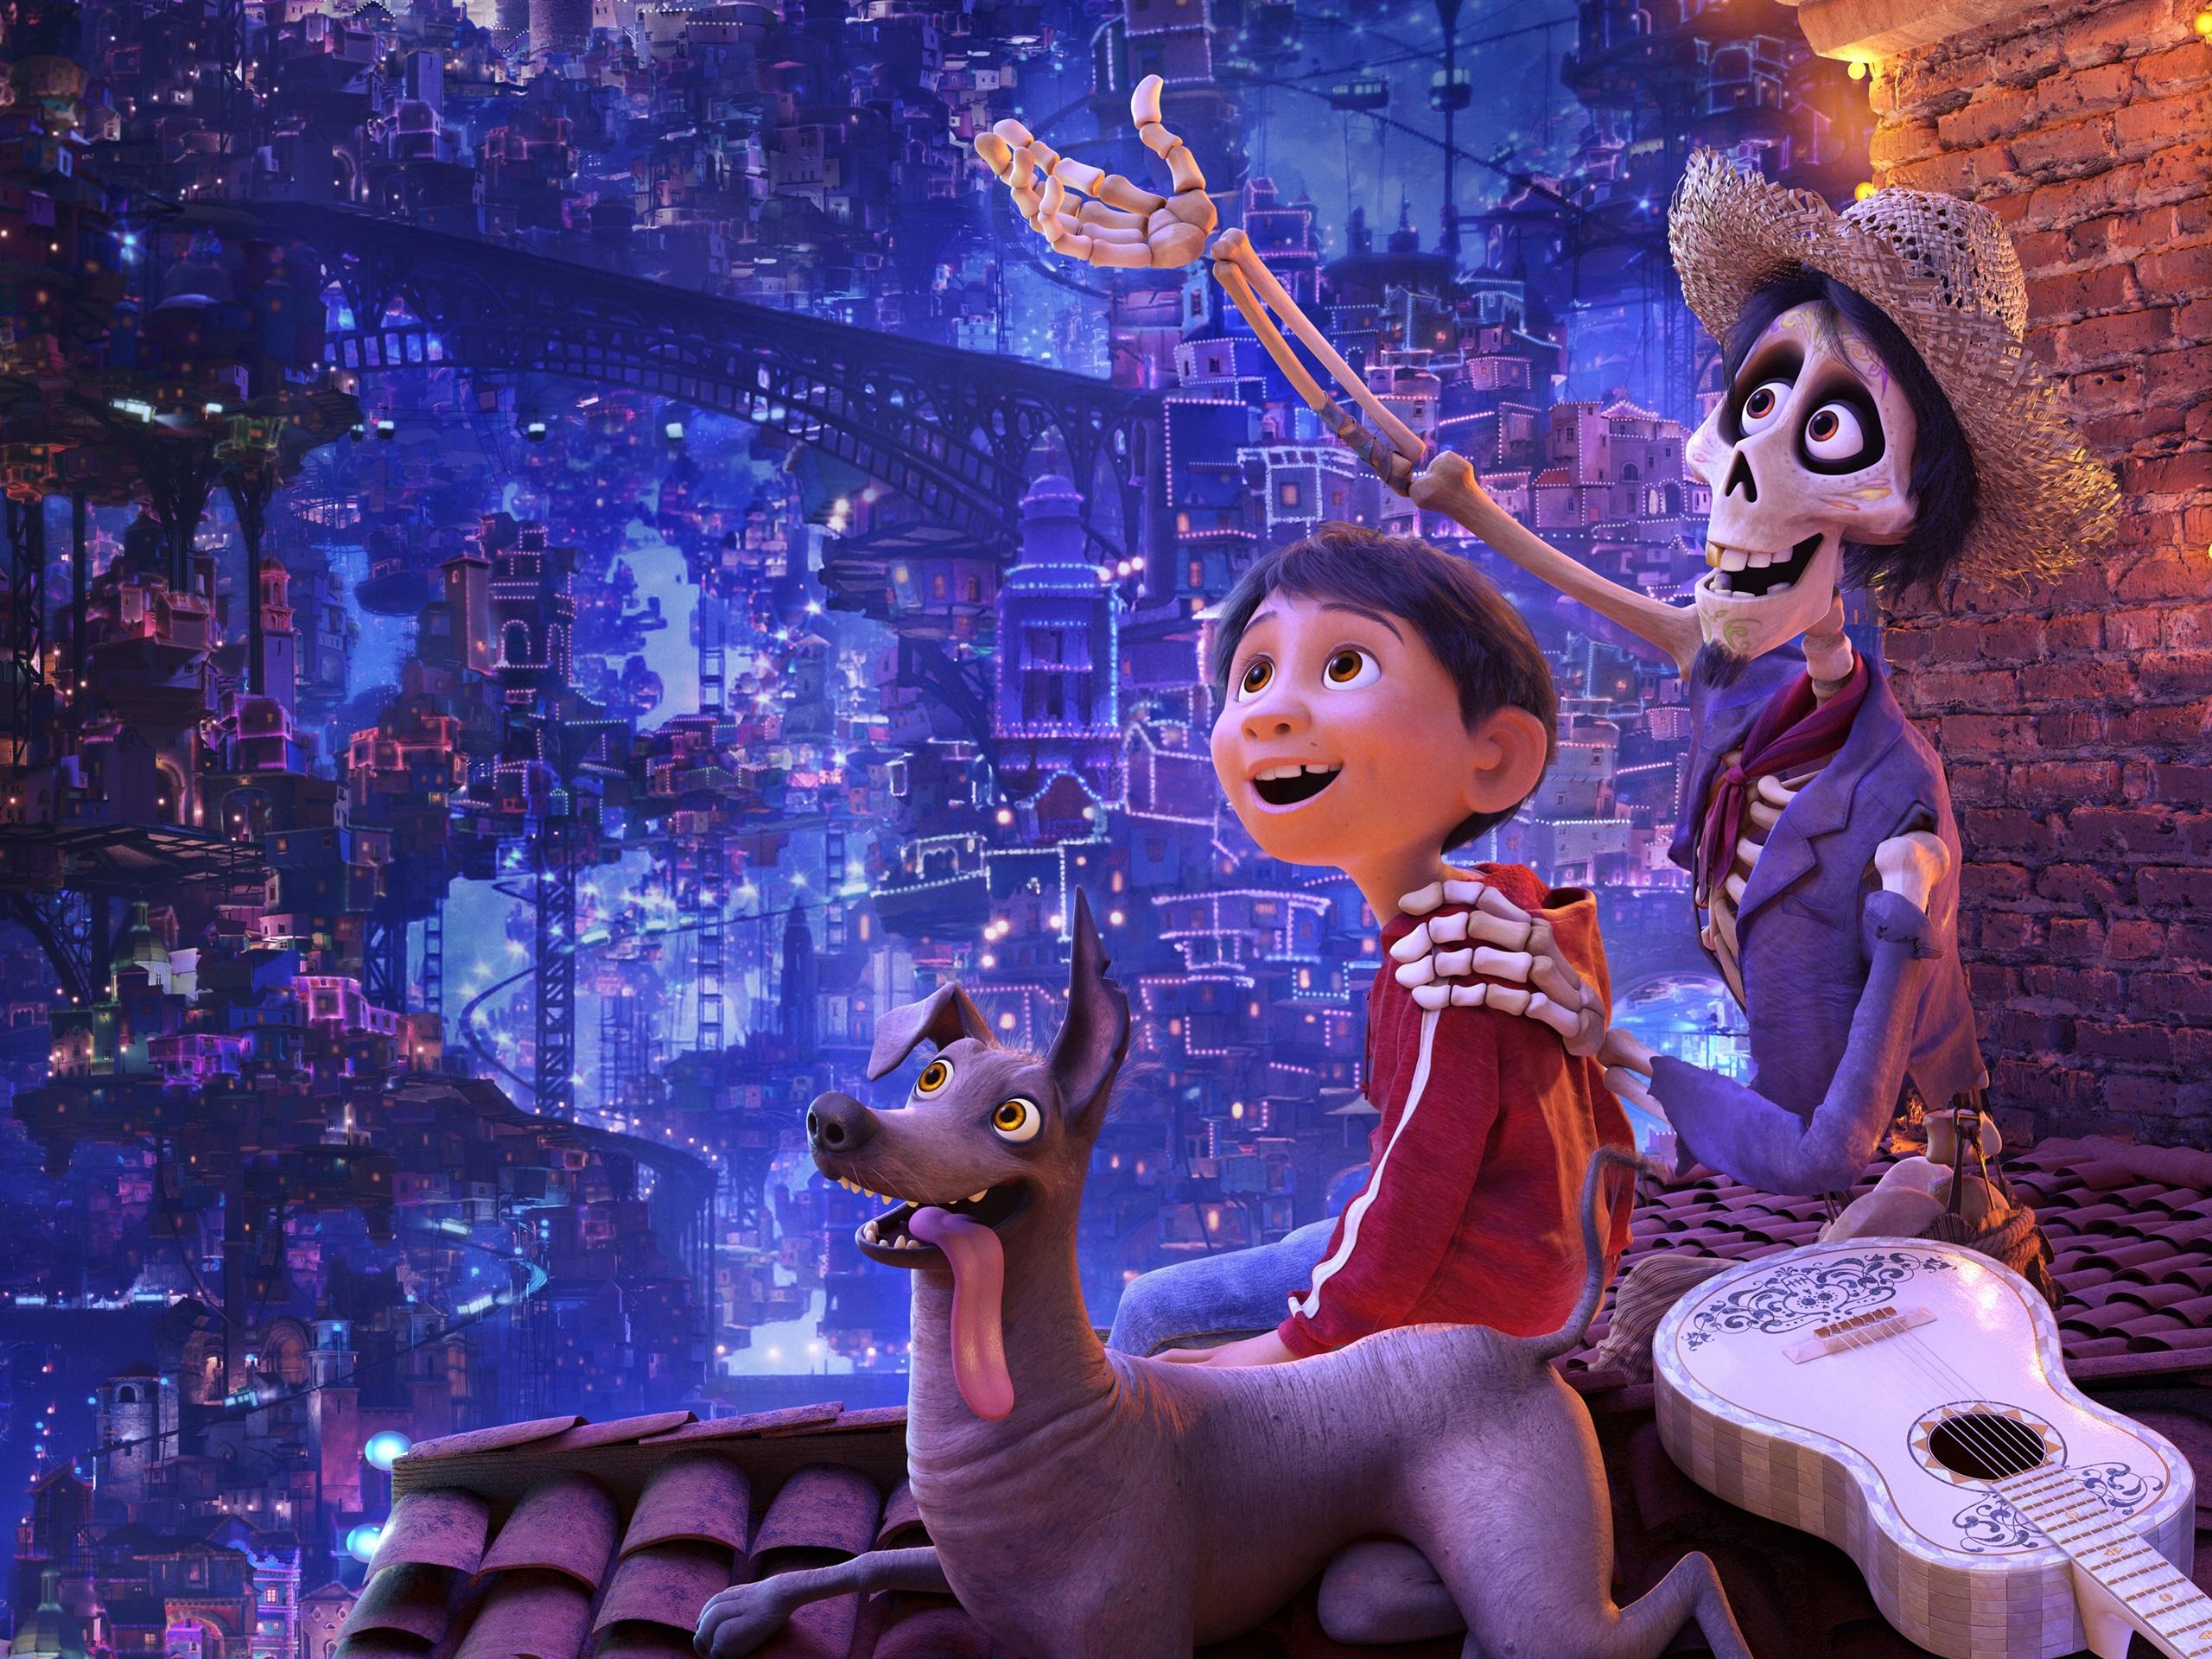 壁紙 リメンバー ミー 17ディズニー映画 3840x2160 Uhd 4k 無料のデスクトップの背景 画像